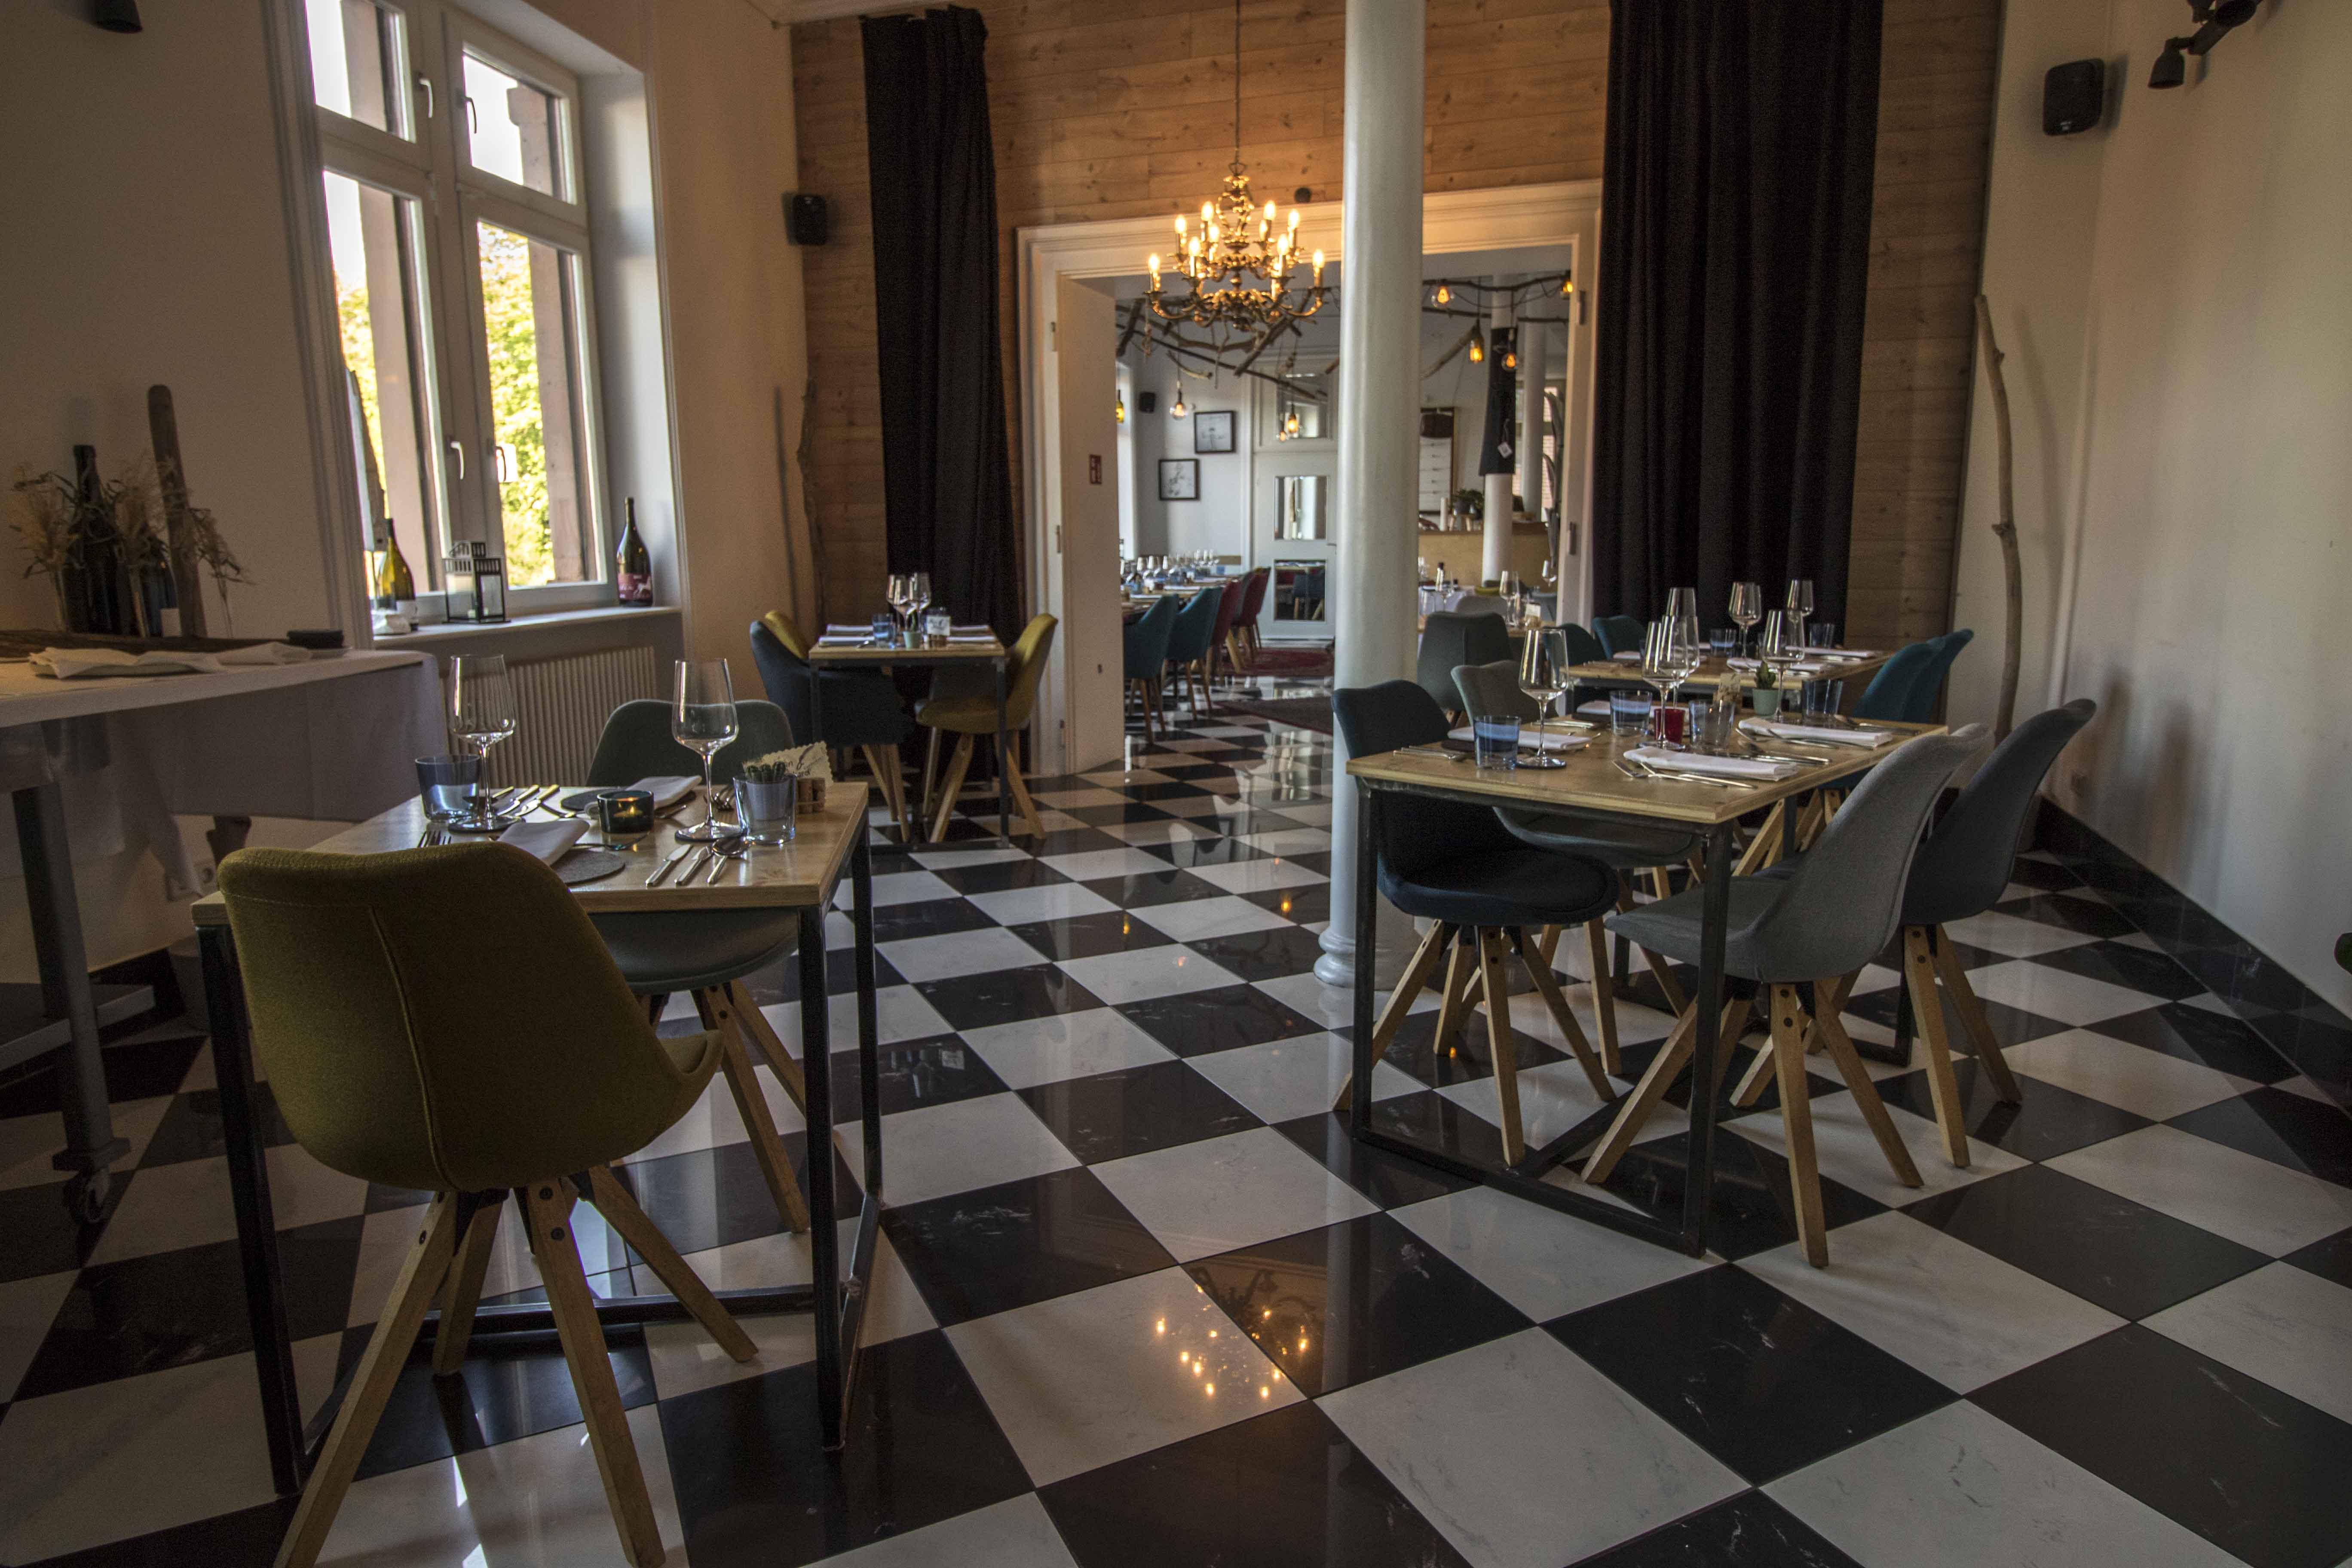 Die kuche mannheim jungbusch speisekarte for Kuche restaurant